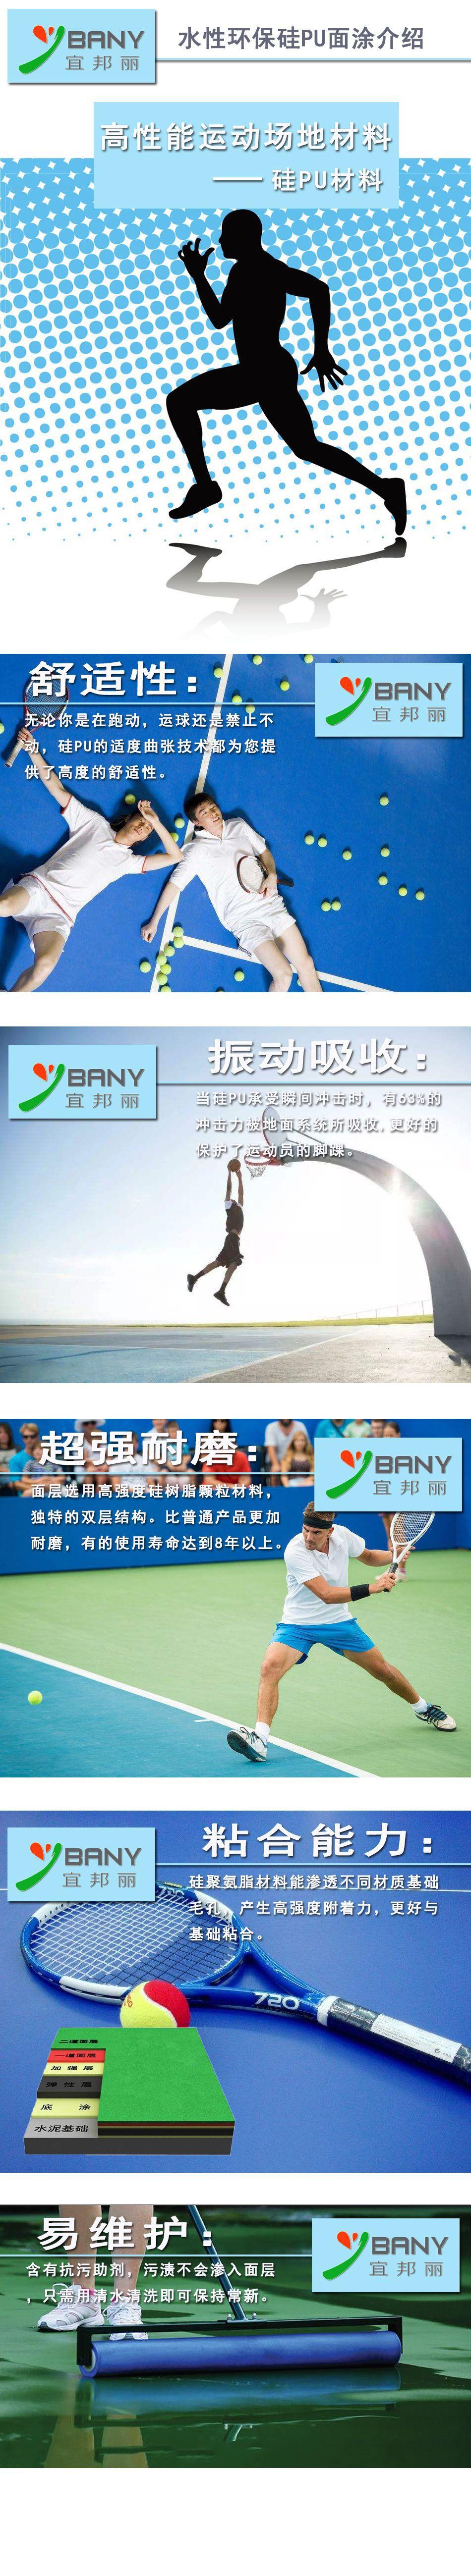 上海新國標塑膠硅PU球場材料生產廠家水性環保硅PU面漆面涂層直銷示例圖1